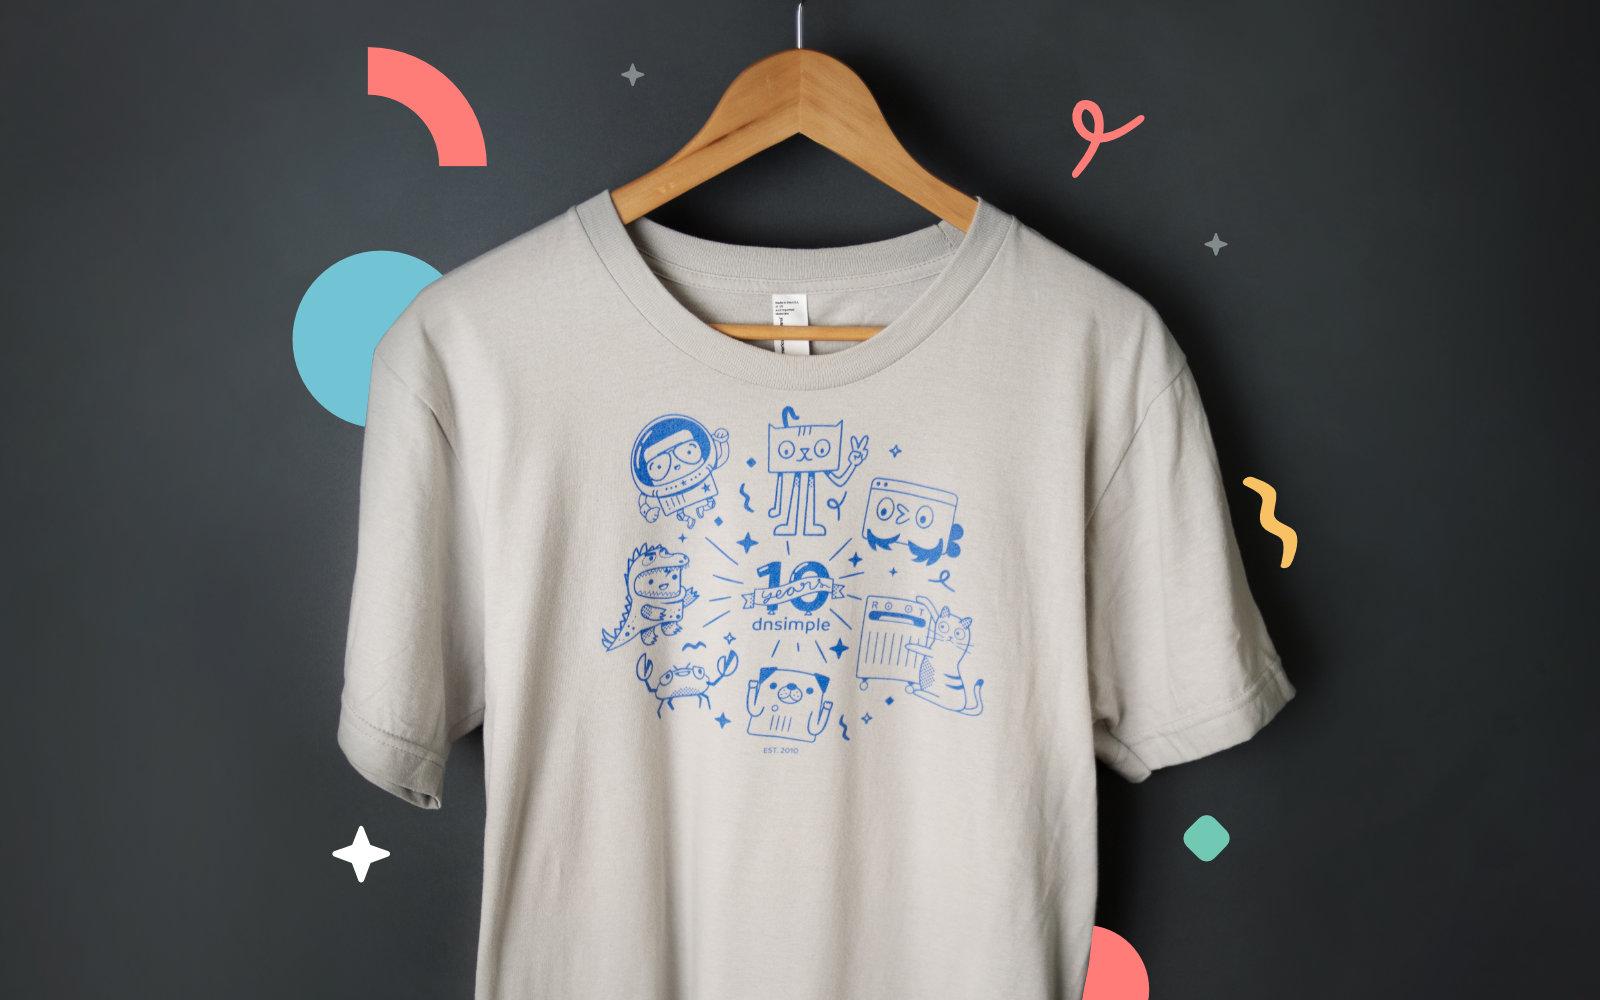 10-Year anniversary t-shirt